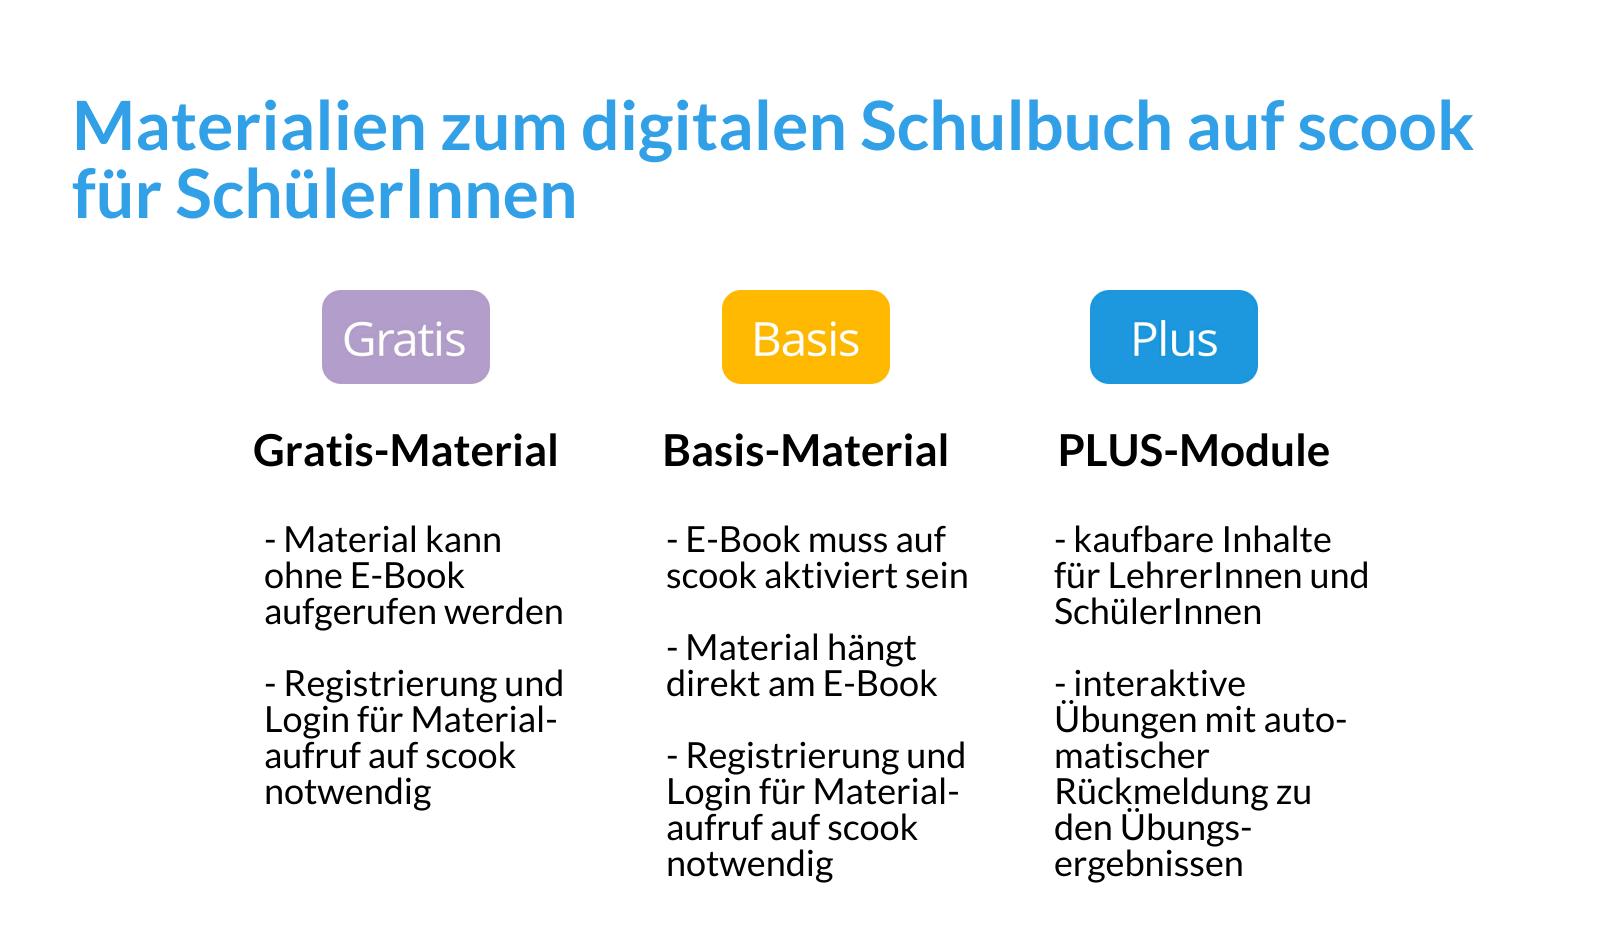 Materialien zum digitalen Schulbuch auf scook für SchülerInnen